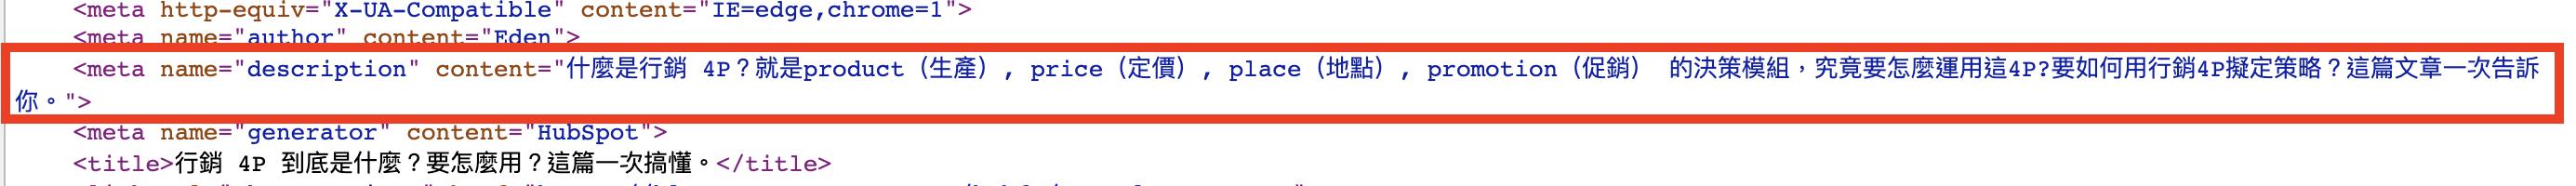 描述標籤的程式碼